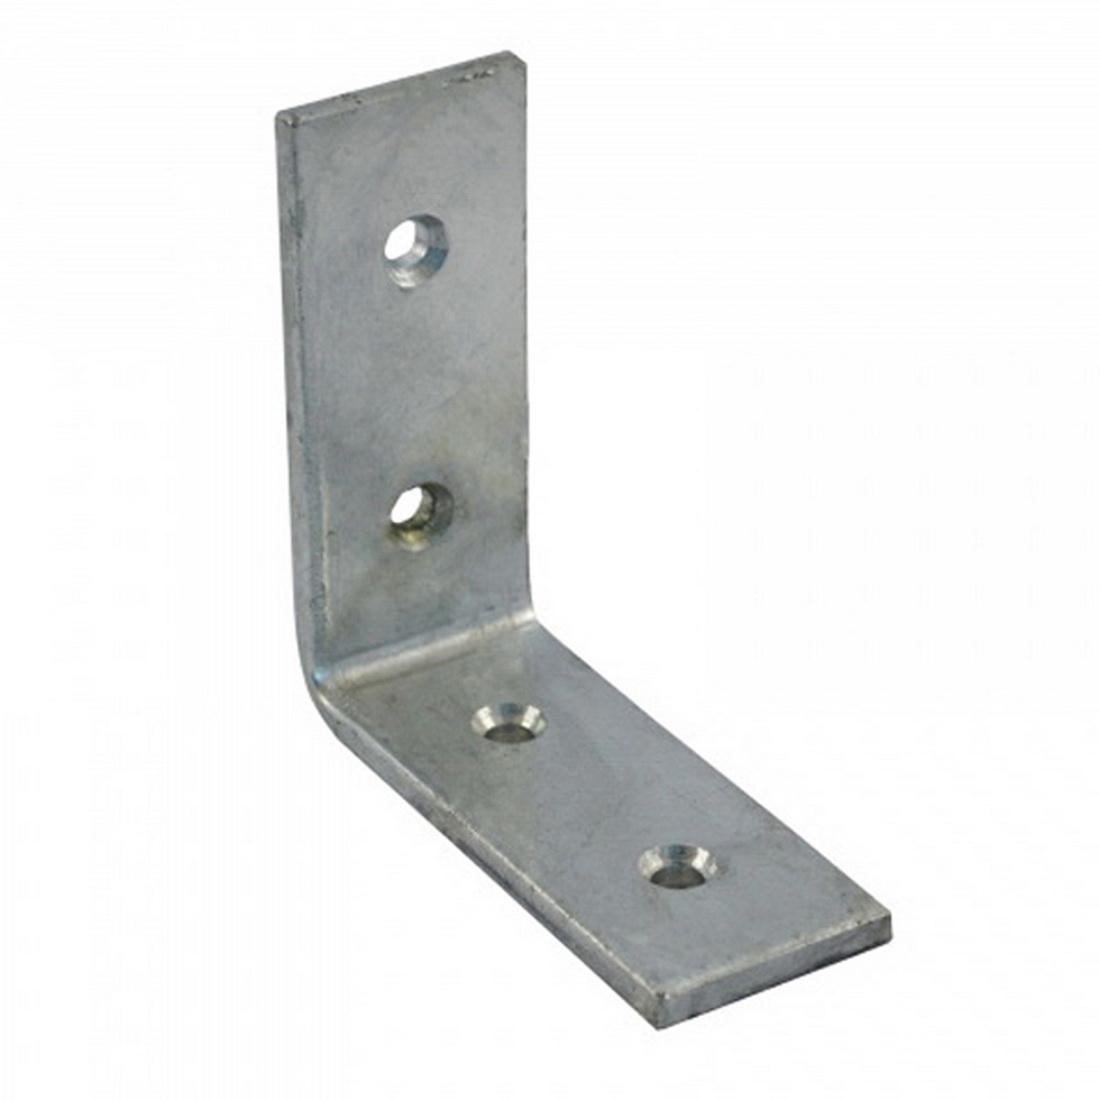 Heavy Duty Angle Bracket 250 x 200 x 40mm Zinc Plated BANHZ250S040R